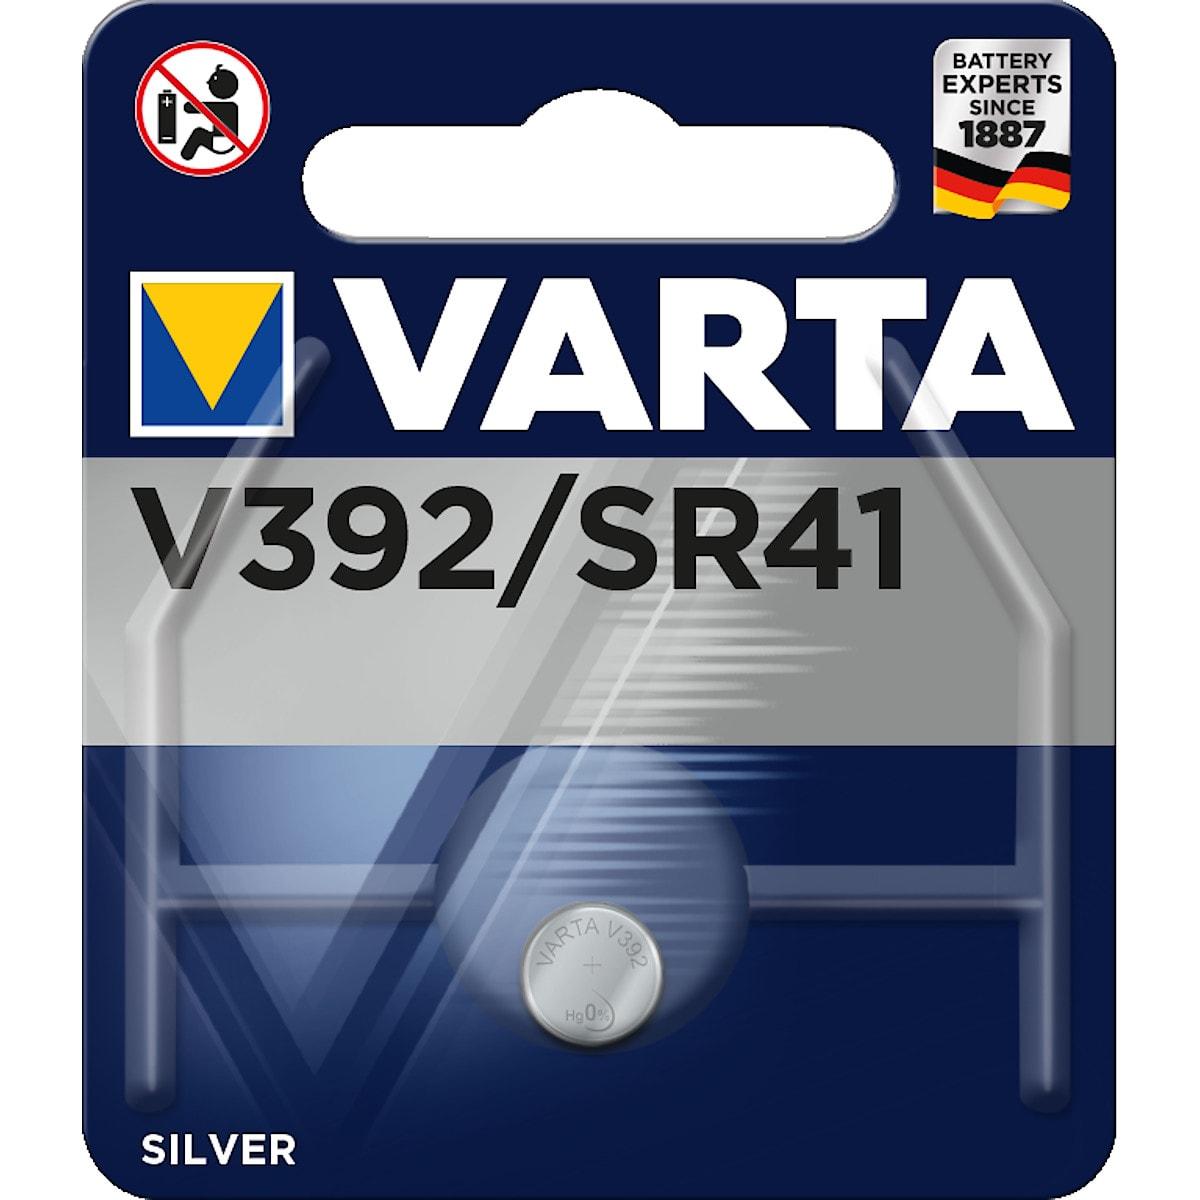 Knappcellsbatteri V392/SR41 Varta